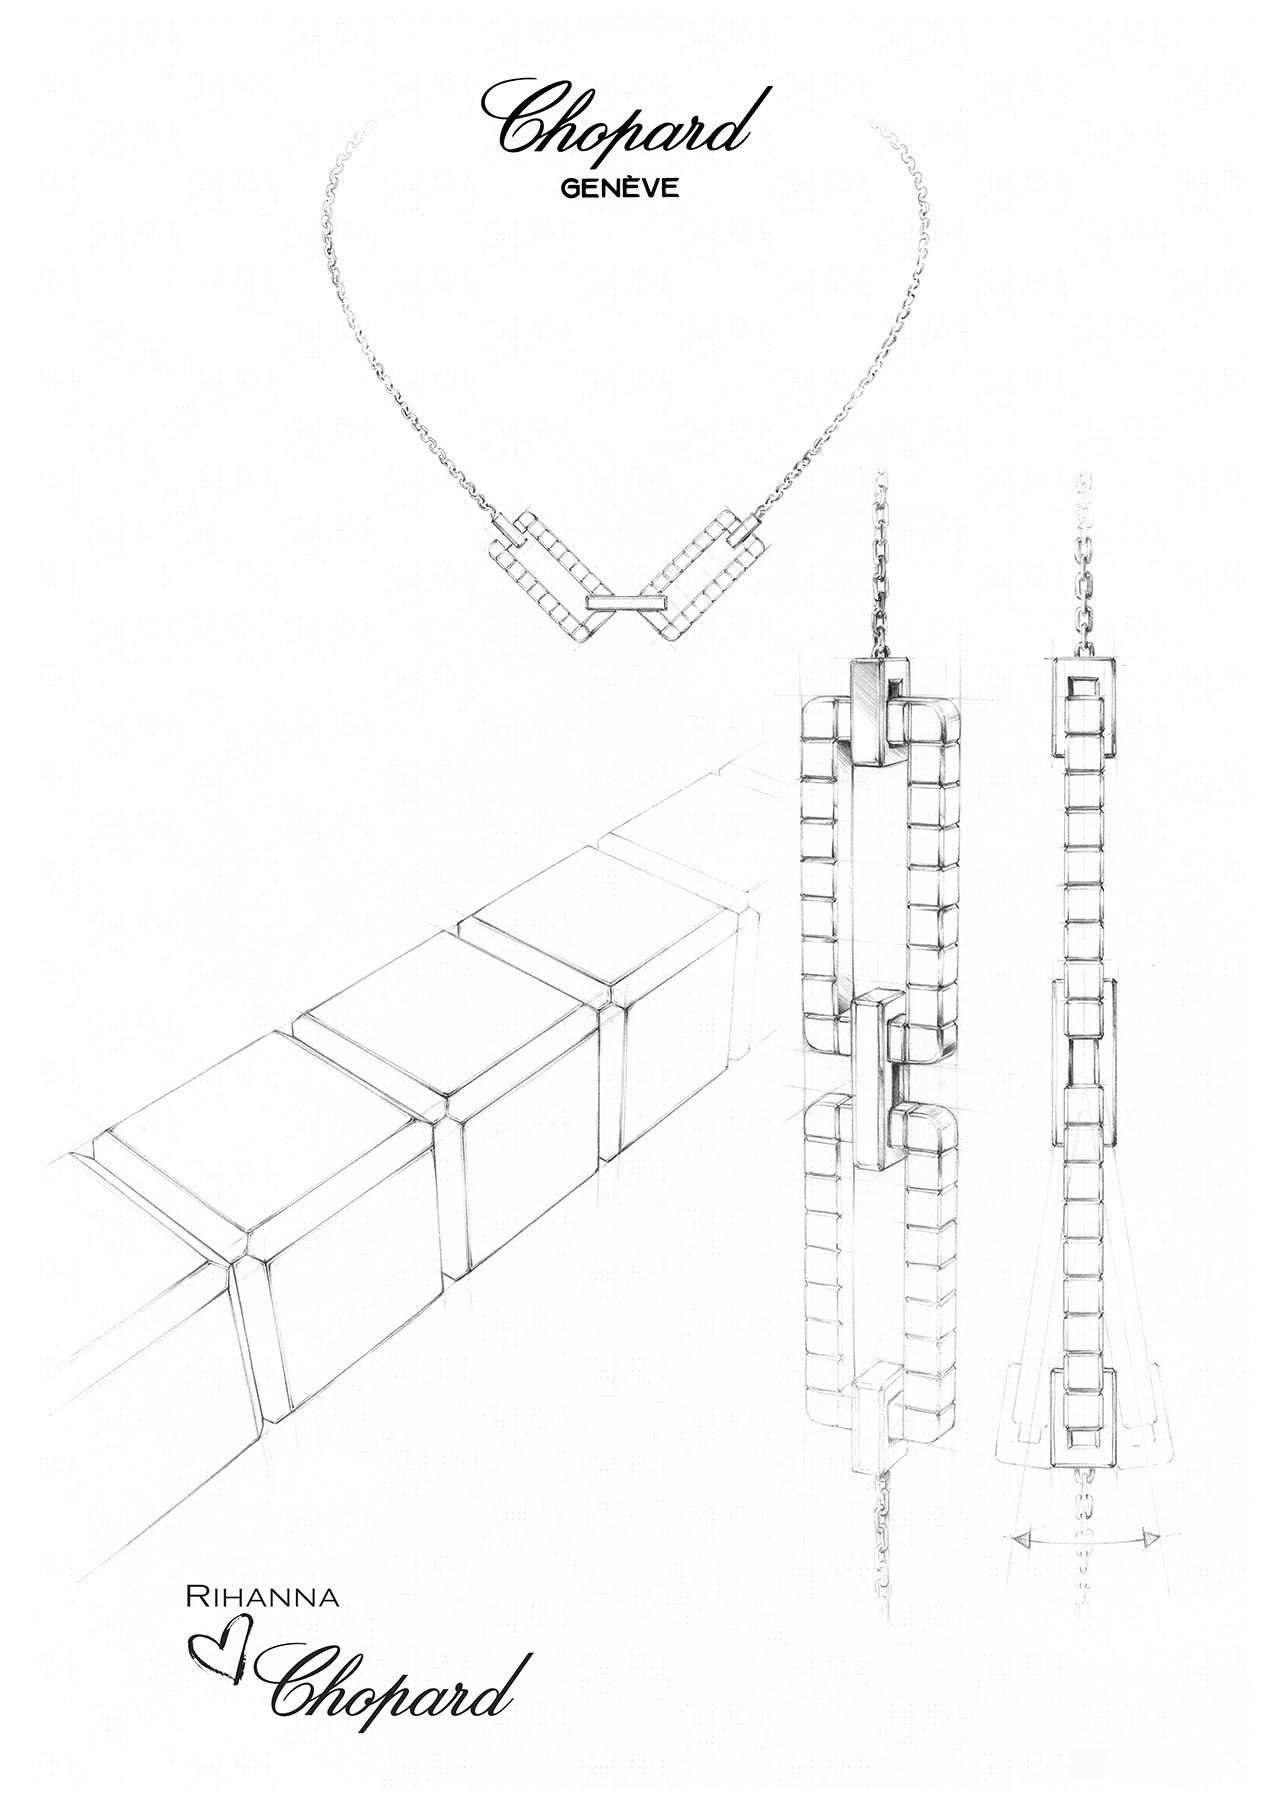 ジオメトリックな構造が特徴的なデザイン | © Chopard